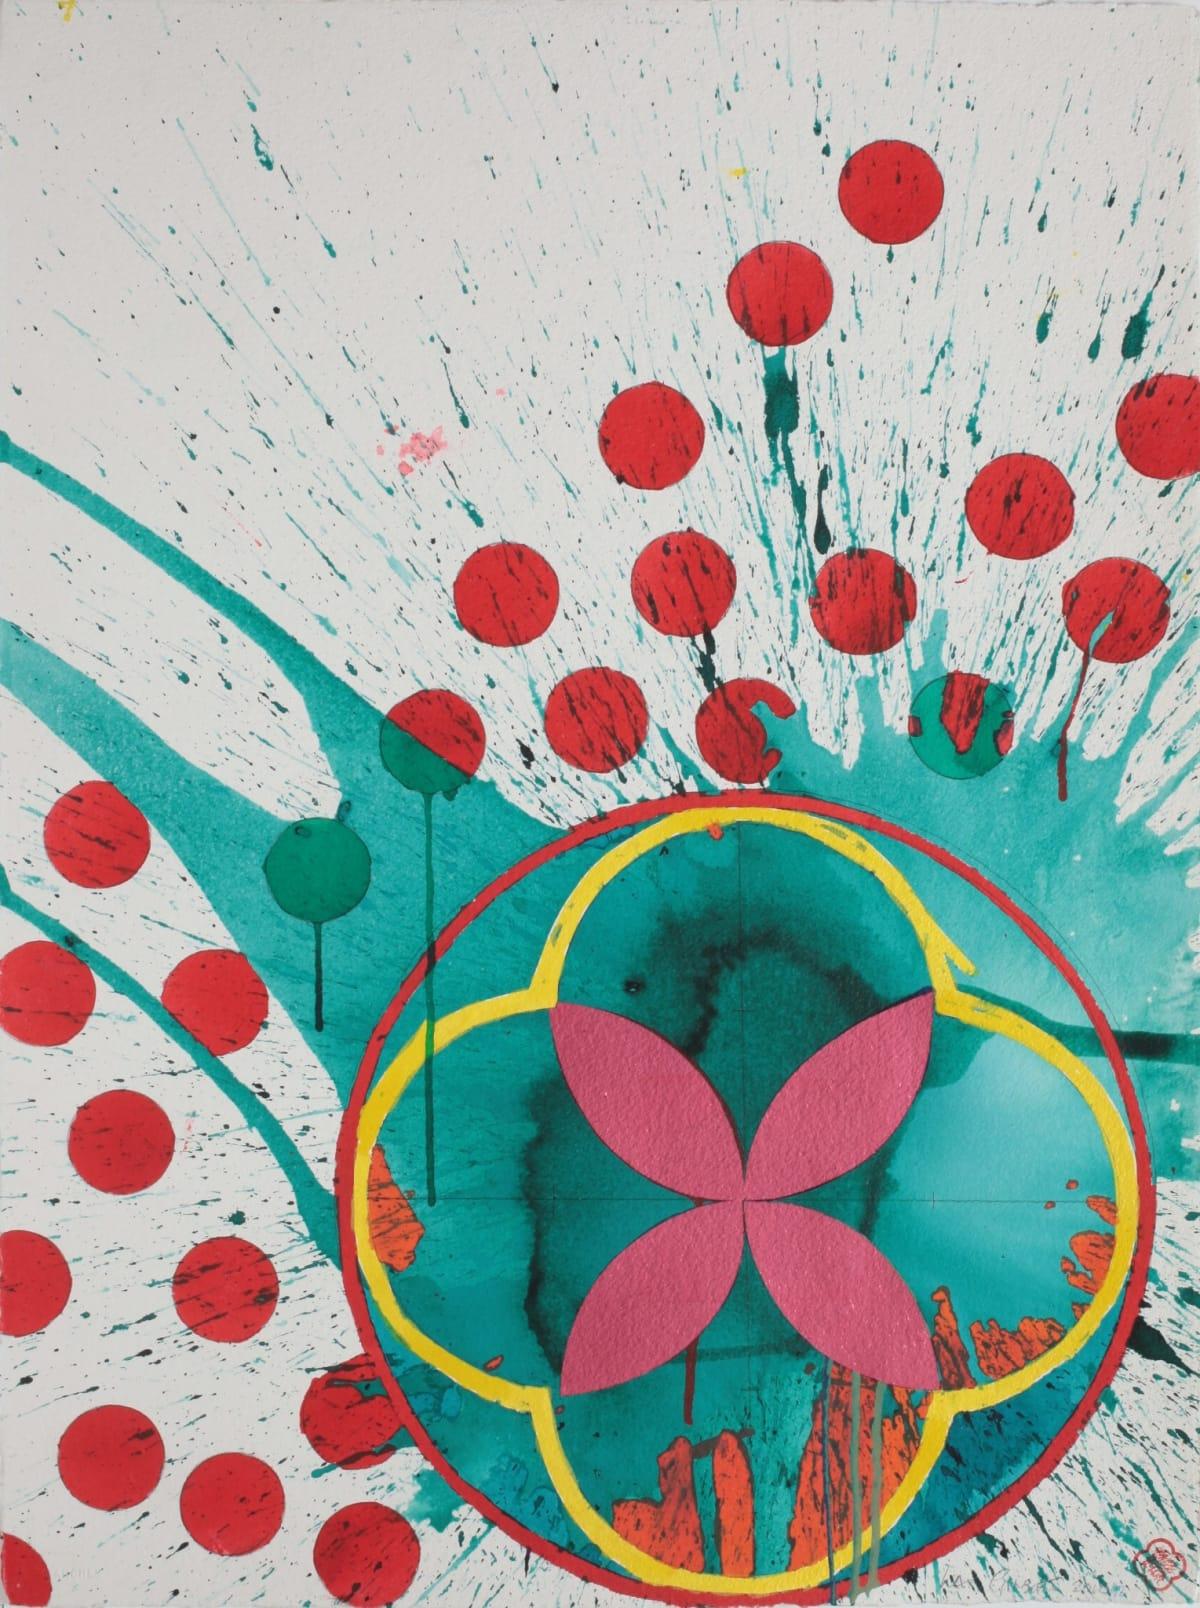 Max GIMBLETT Full Fathom Five, 2010 Mixed media on paper 30 x 23 in 76.2 x 58.4 cm